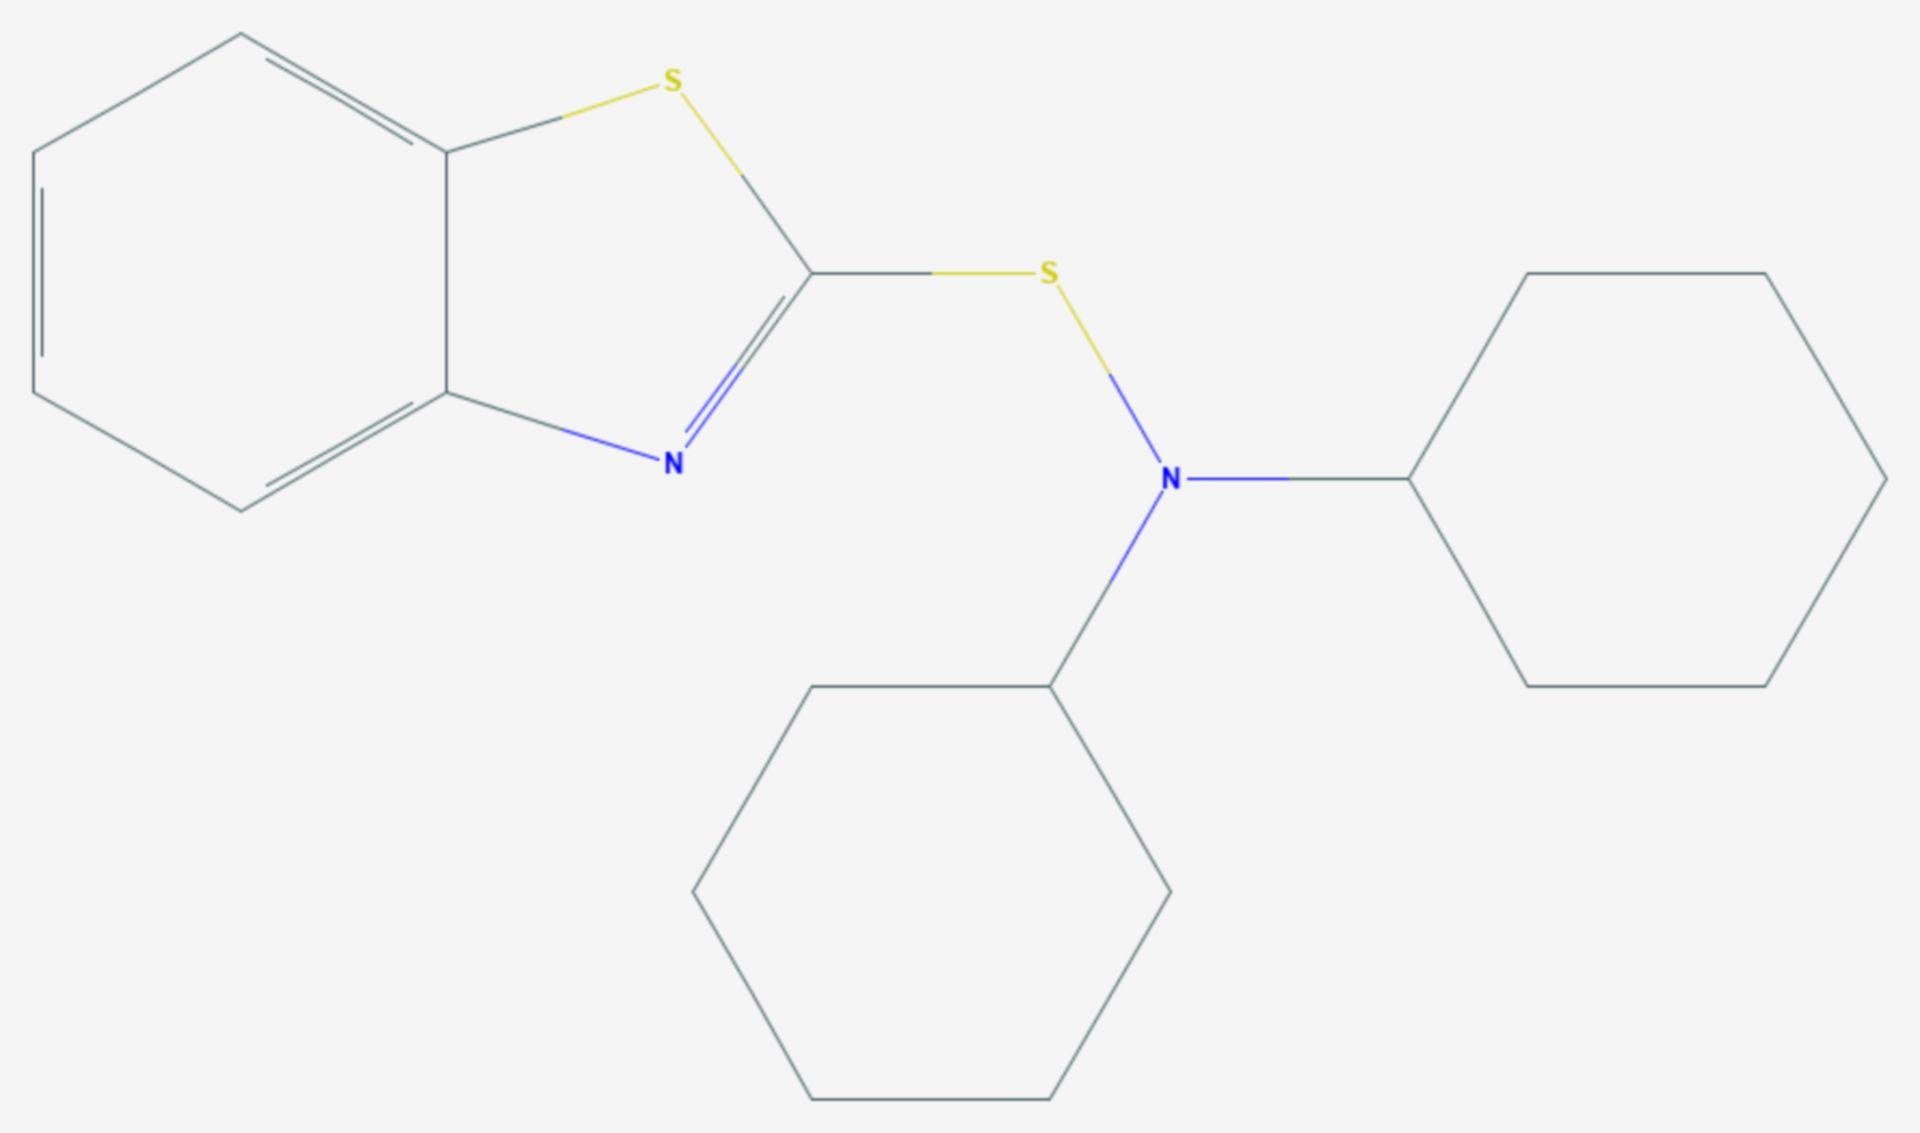 N,N-Dicyclohexylbenzothiazol-2-sulfenamid (Strukturformel)